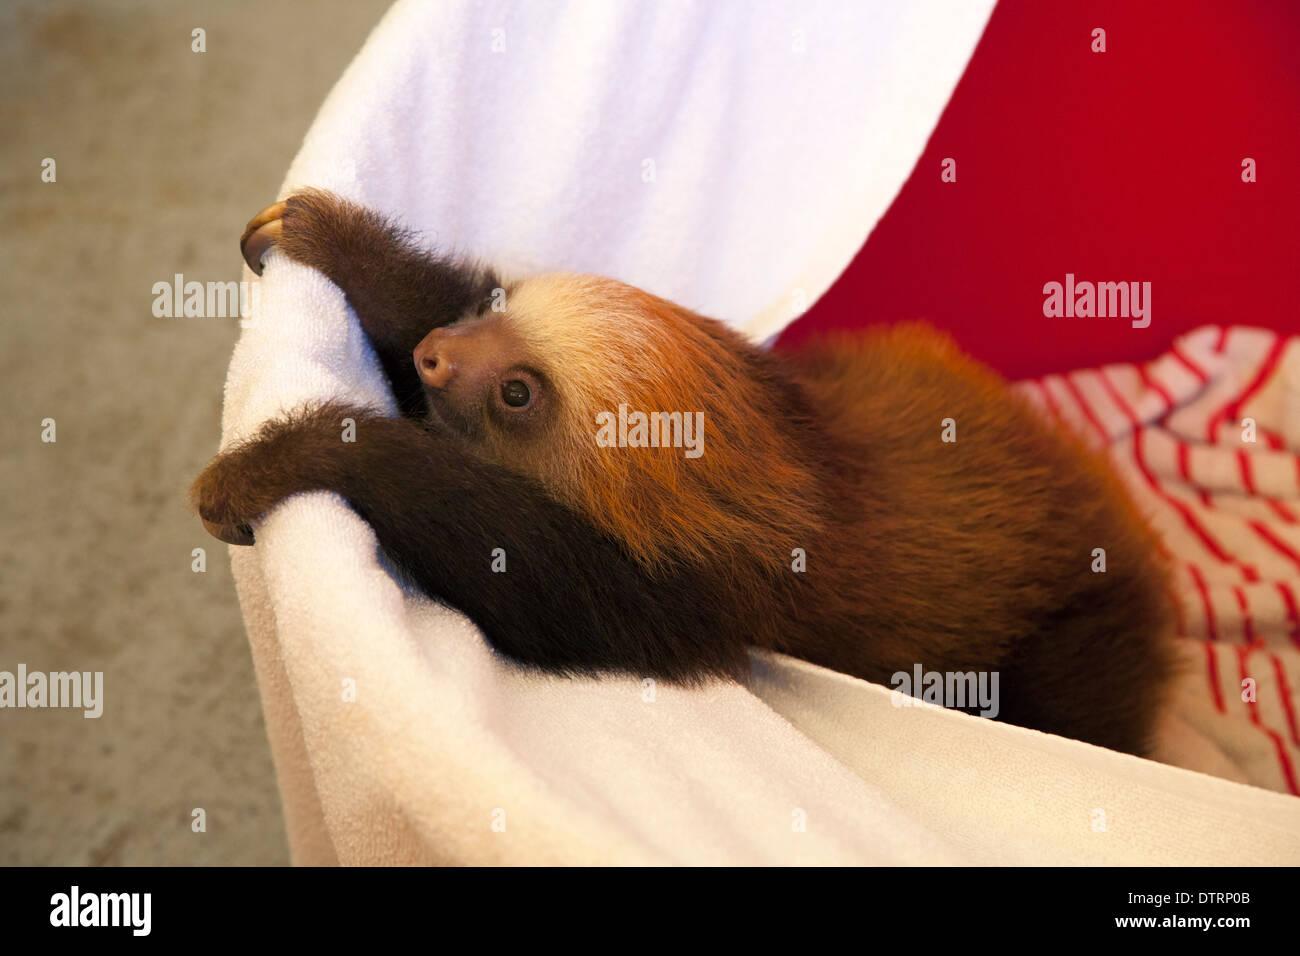 Orphelin bébé Deux Hoffmann-toed Sloth (Choloepus hoffmanni) escalade de godet dans la pépinière Sanctuaire Sloth Photo Stock